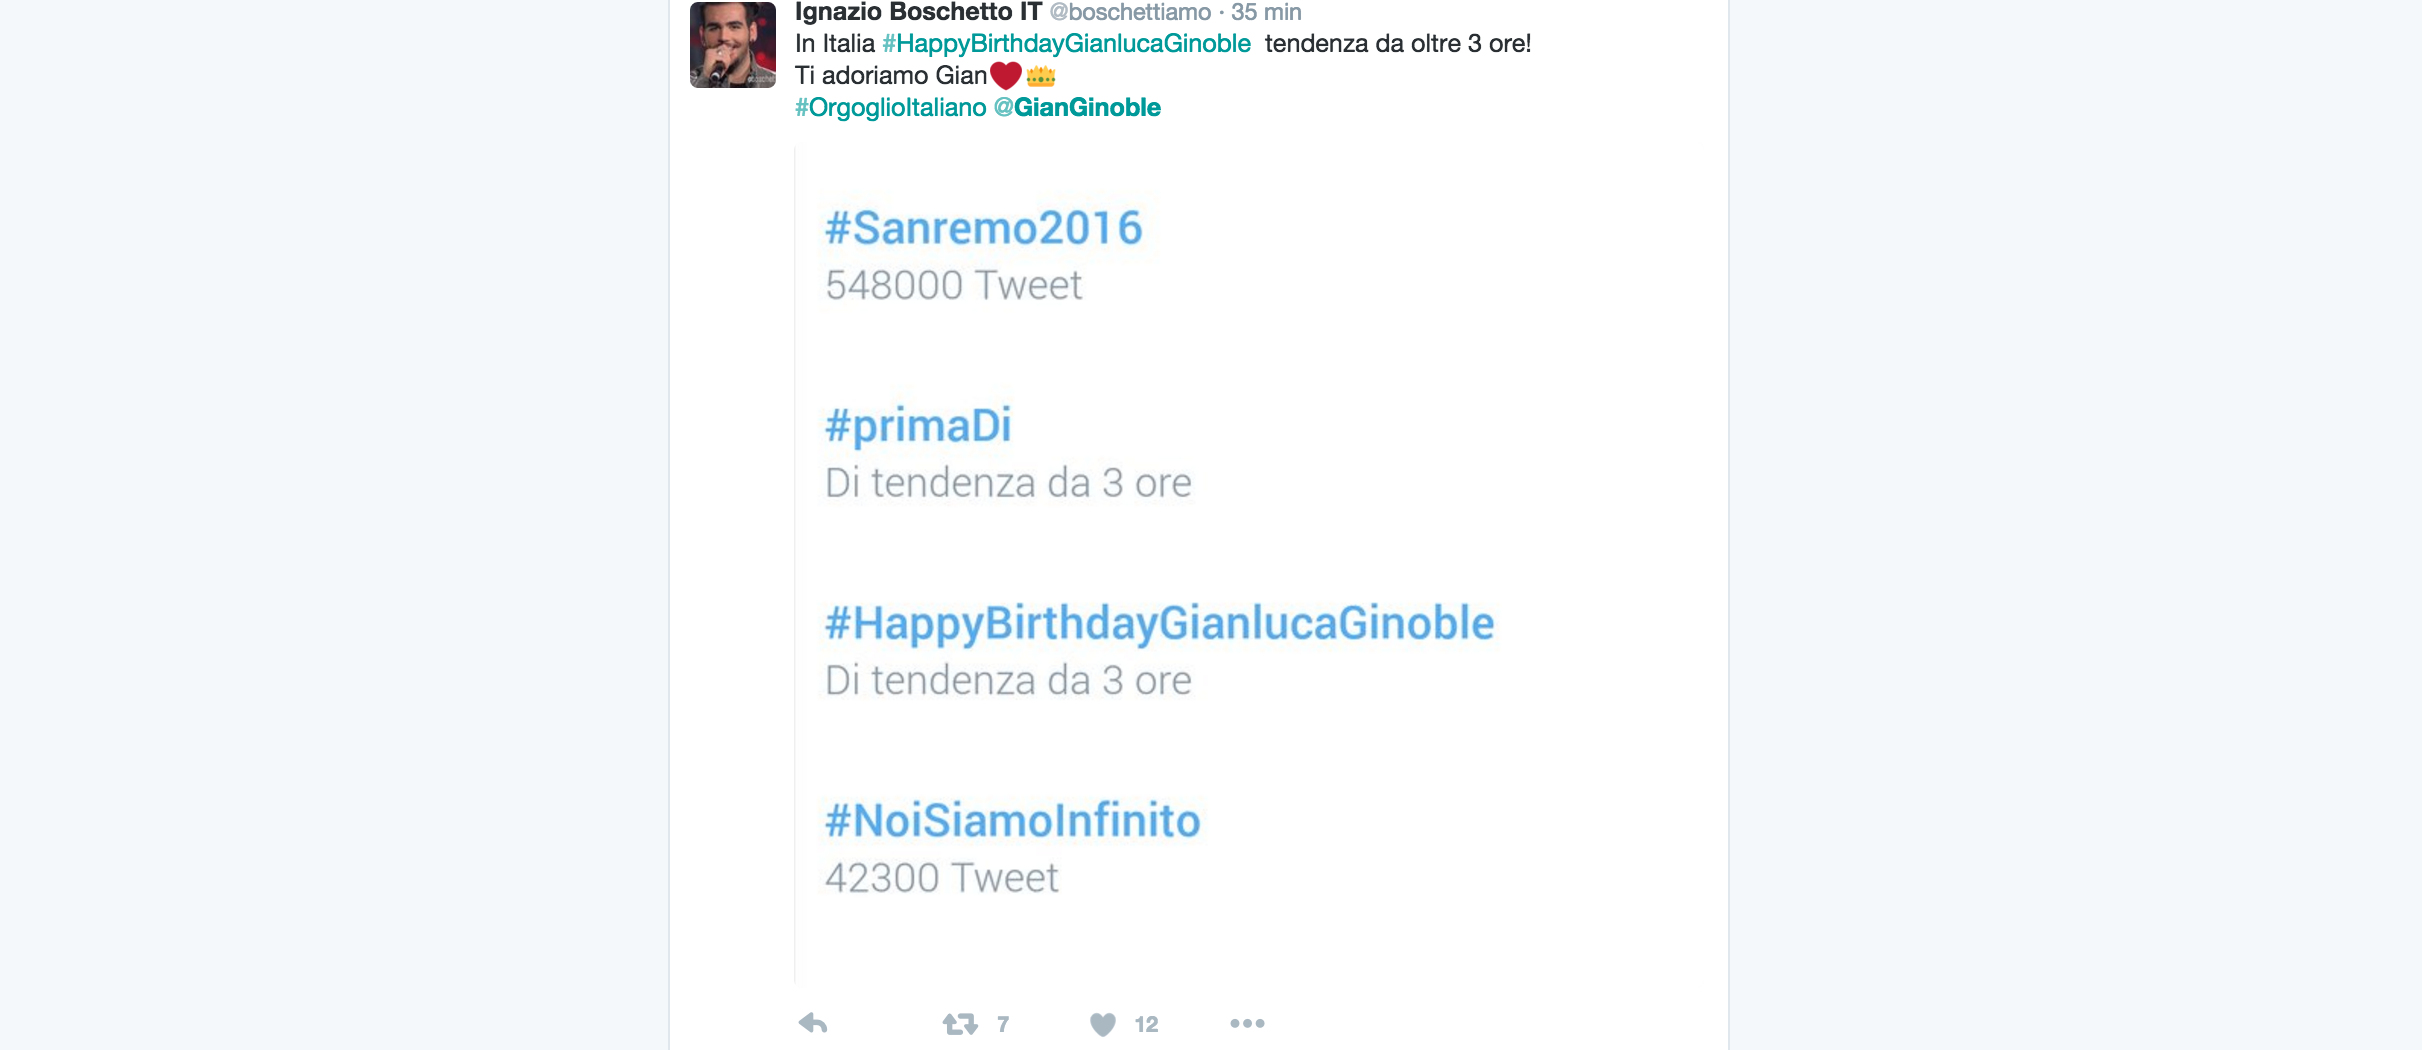 Il web impazzisce per il compleanno di Gianluca Ginoble